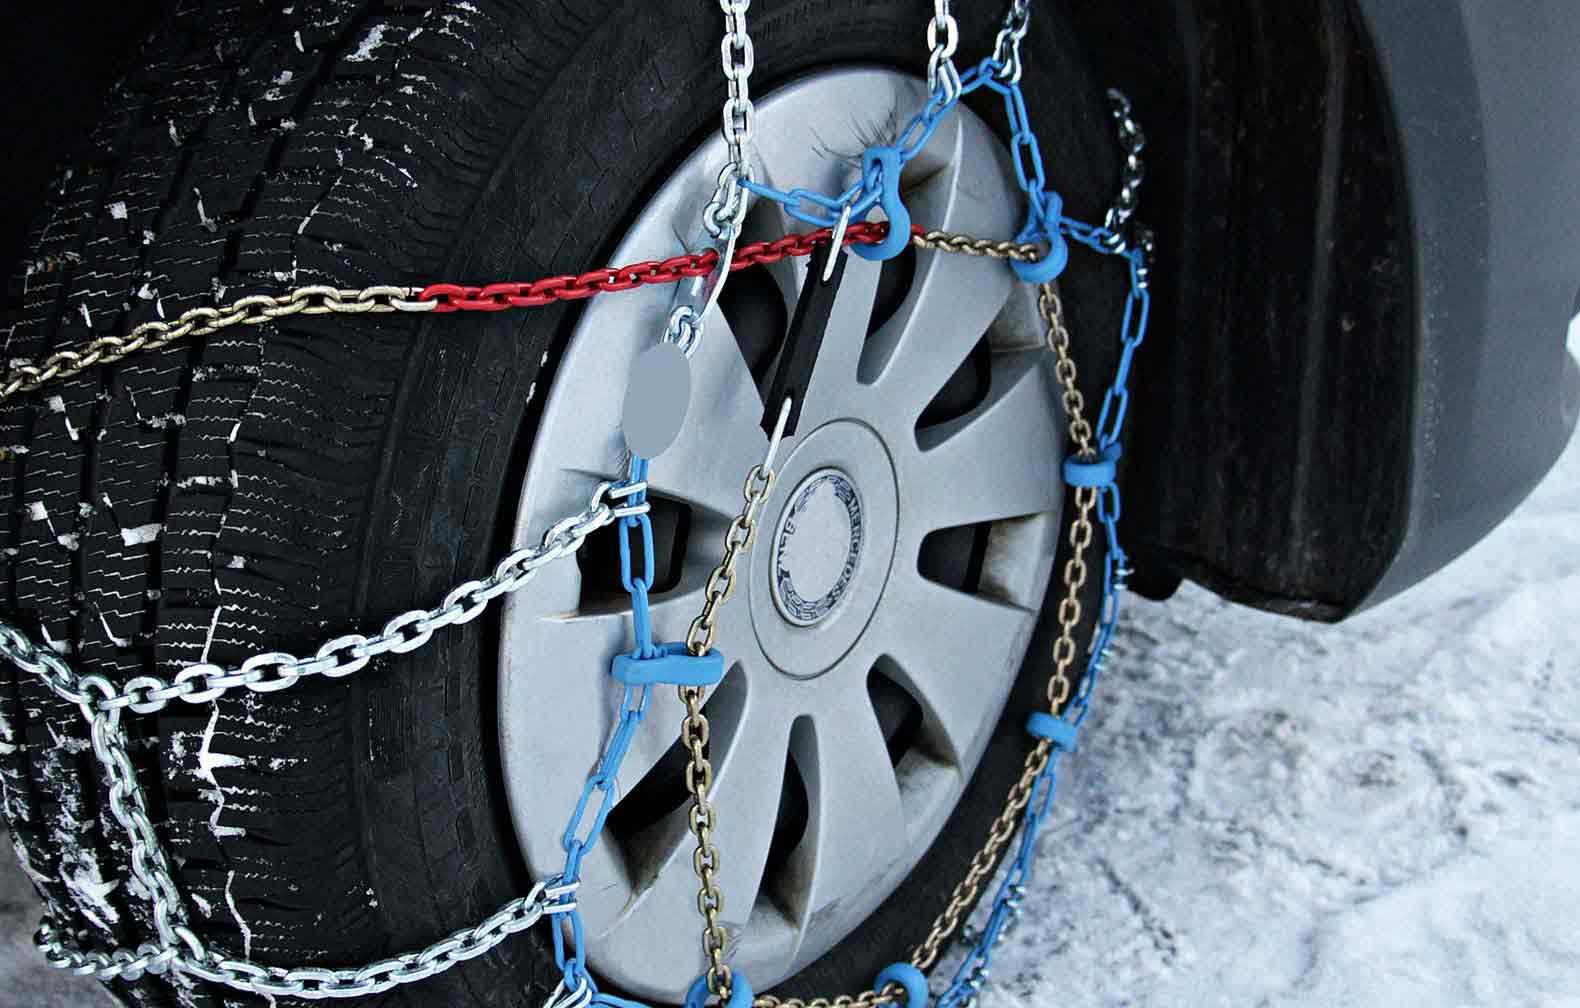 correntes para pneus para neve e gelo